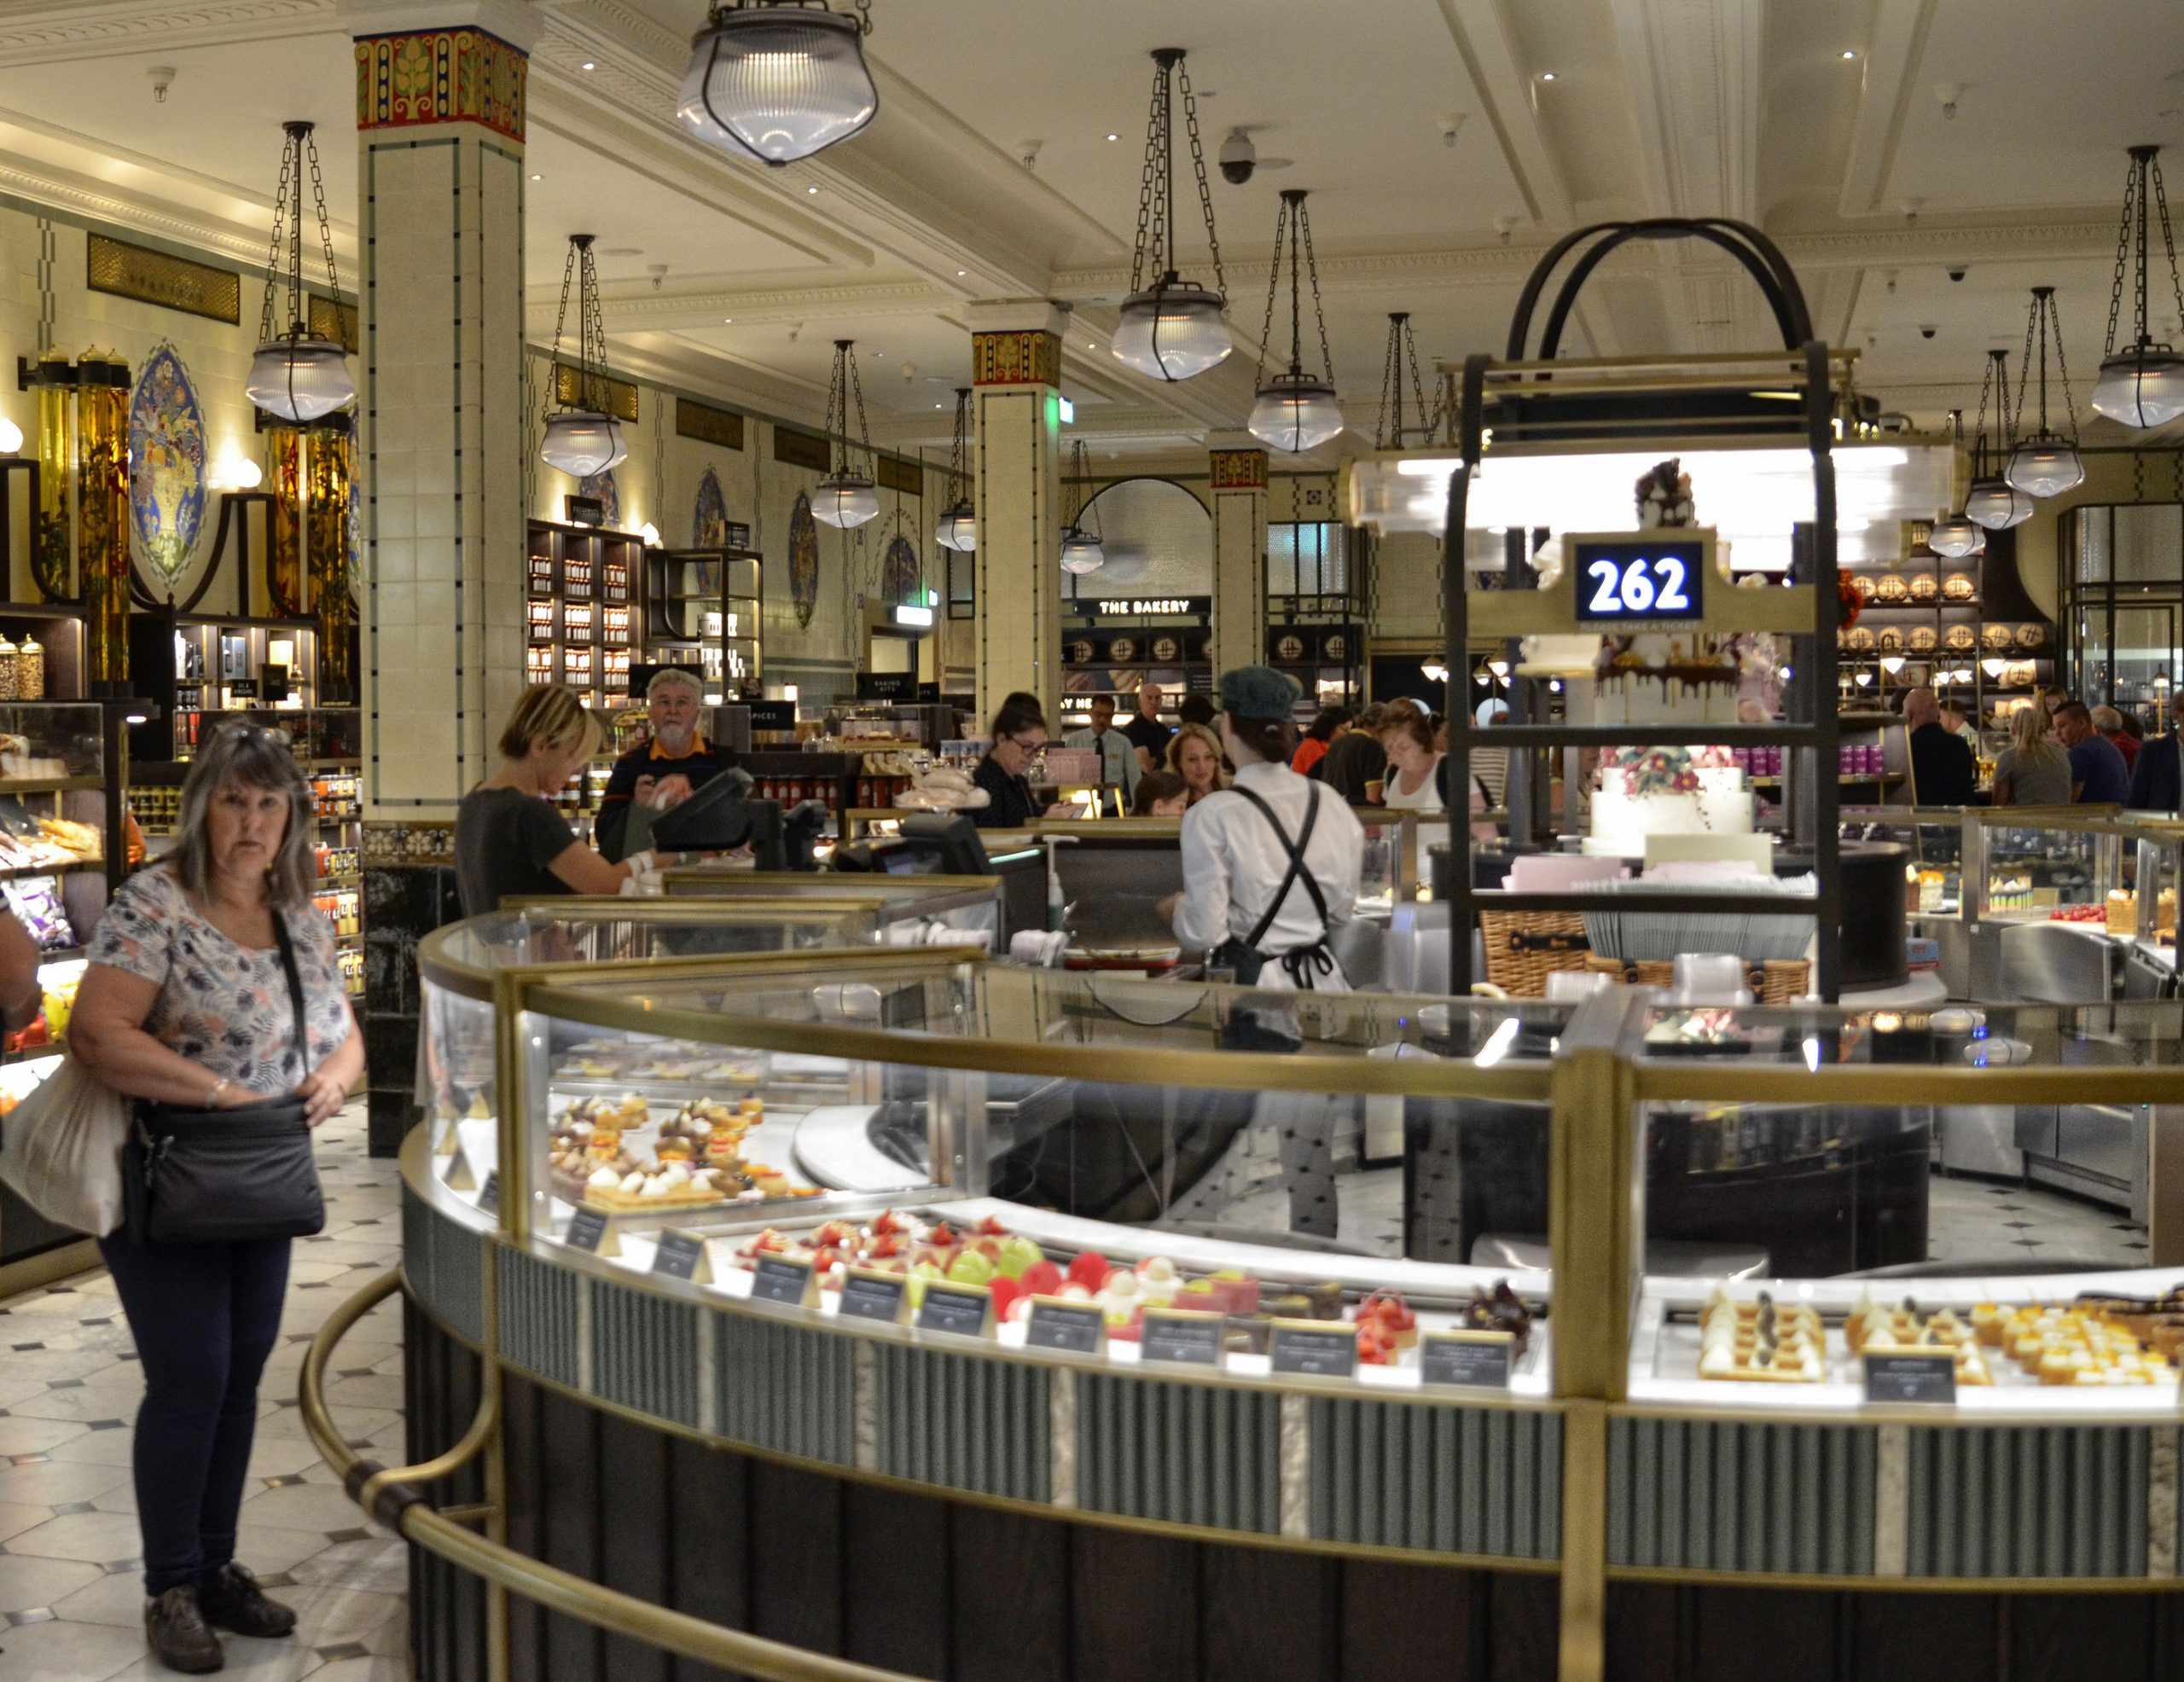 Harrods kjopesenter shopping butikk London